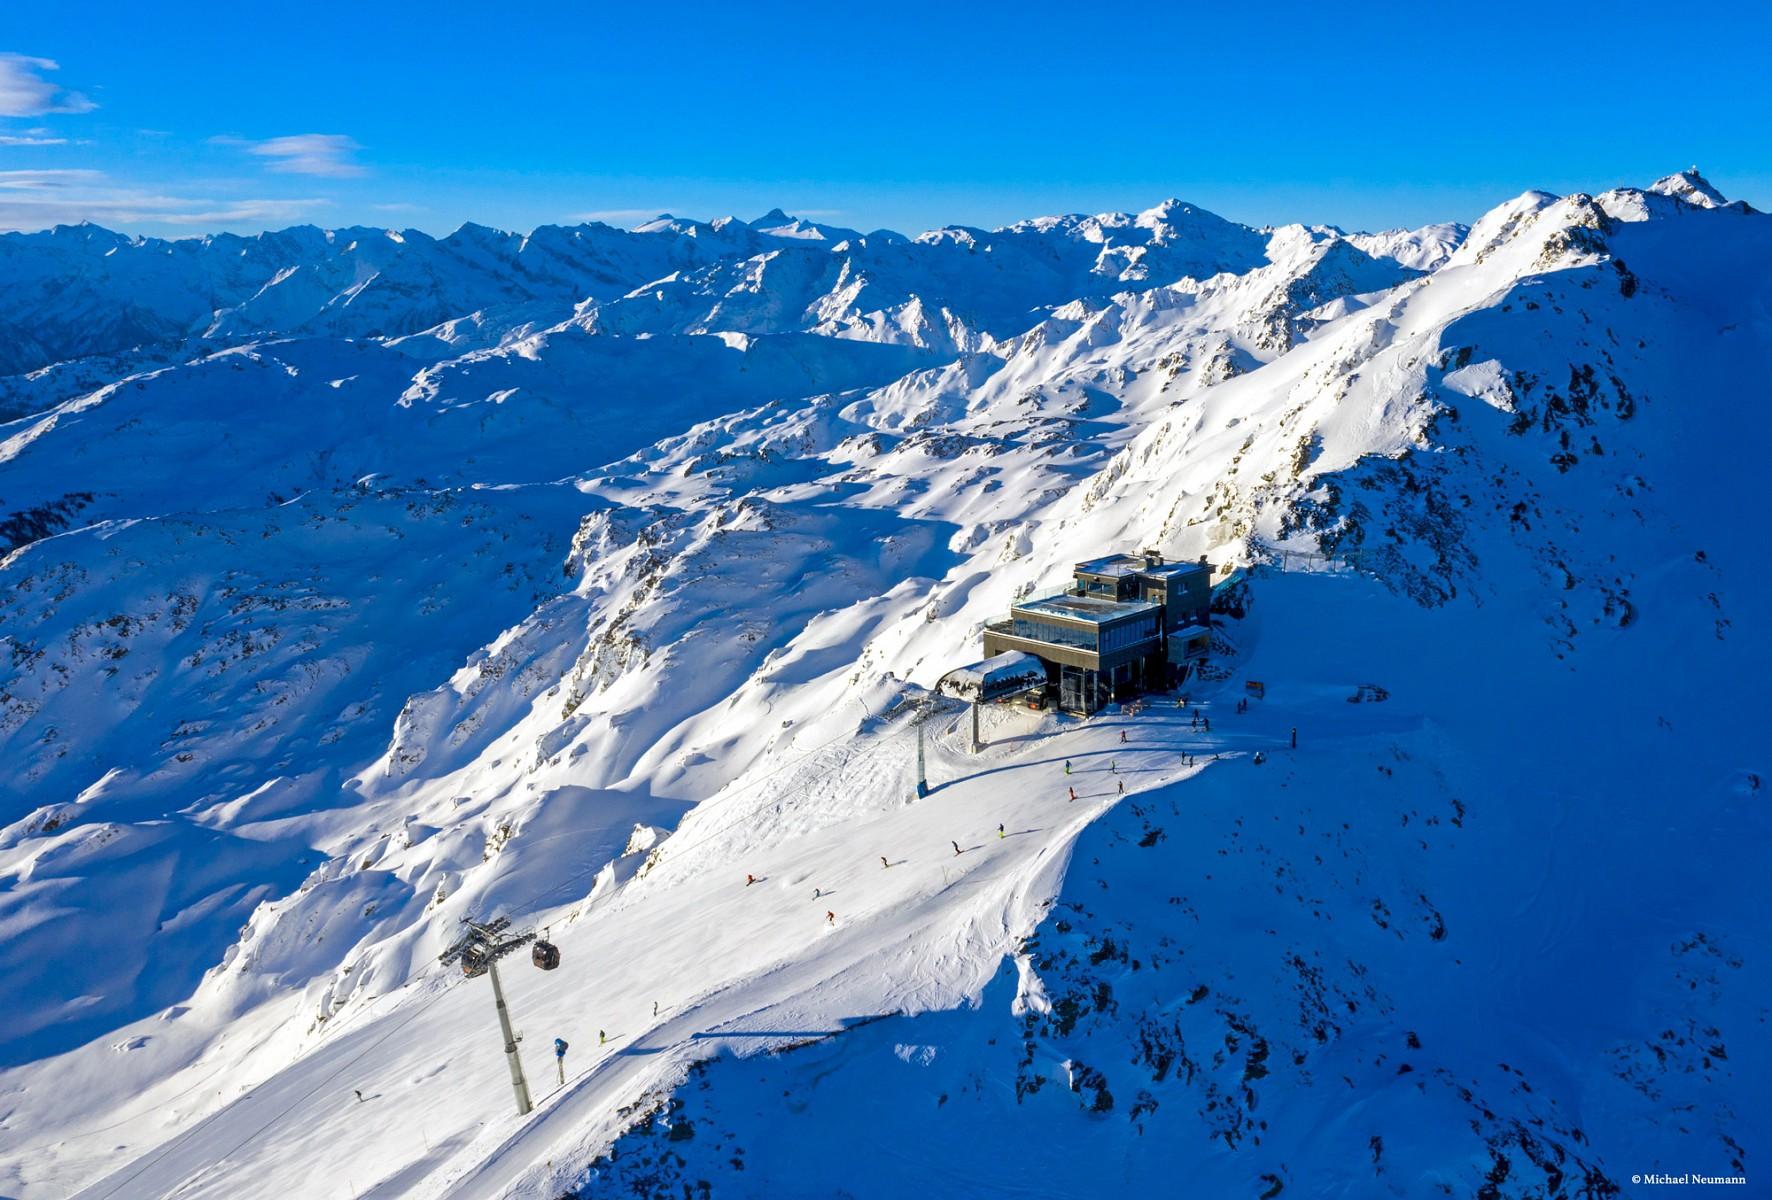 pDer-Wimbachexpress-bringt-Gaumlste-hinauf-zum-agrave-la-carte-Bergrestaurant-Albergo-das-sich-direkt-in-der-Bergstation-befindetp